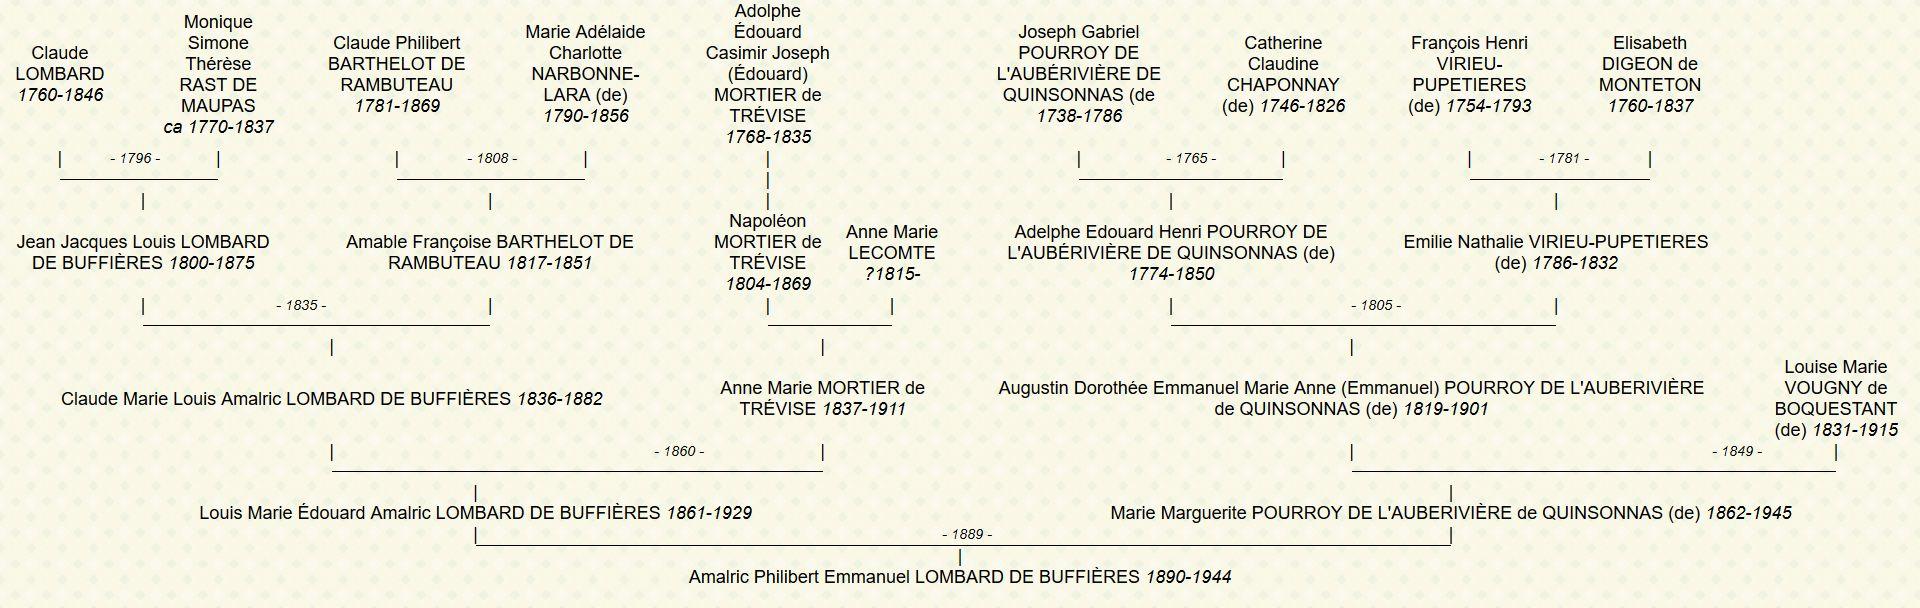 Généalogie d'Amalric de Lombard de Buffières